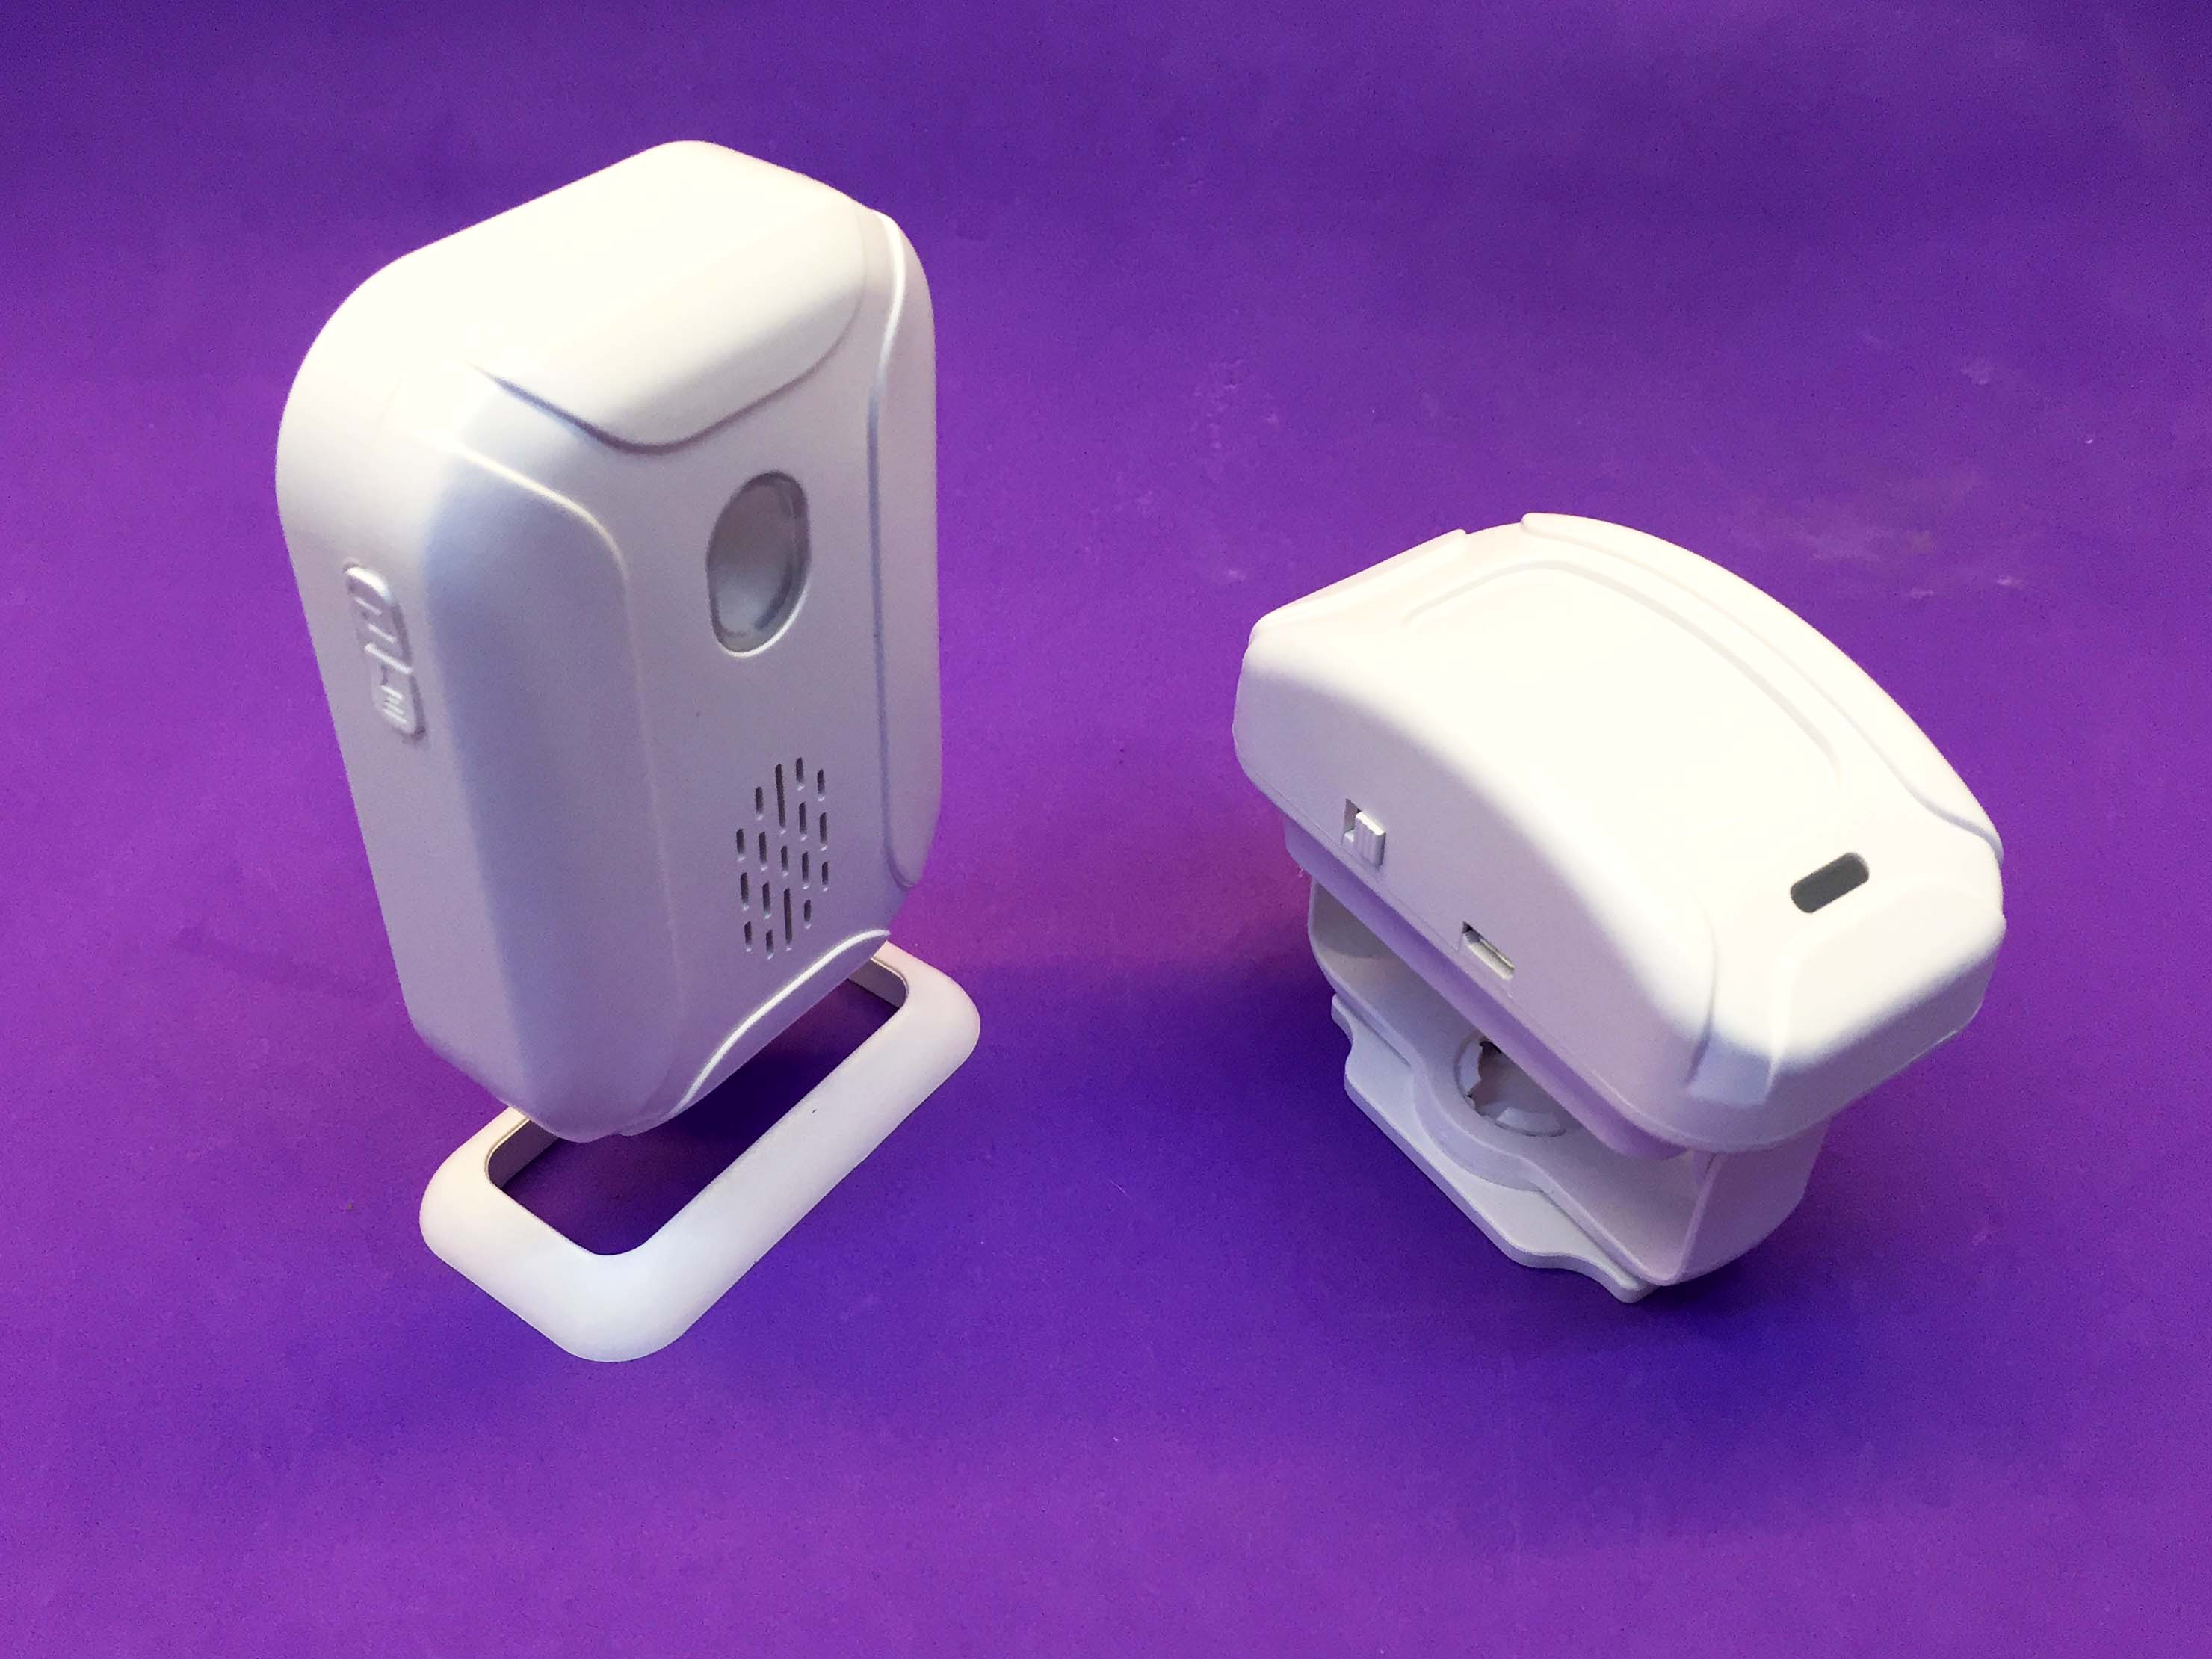 Thiết bị báo khách có cảm biến và chuông riêng KS-SF20R